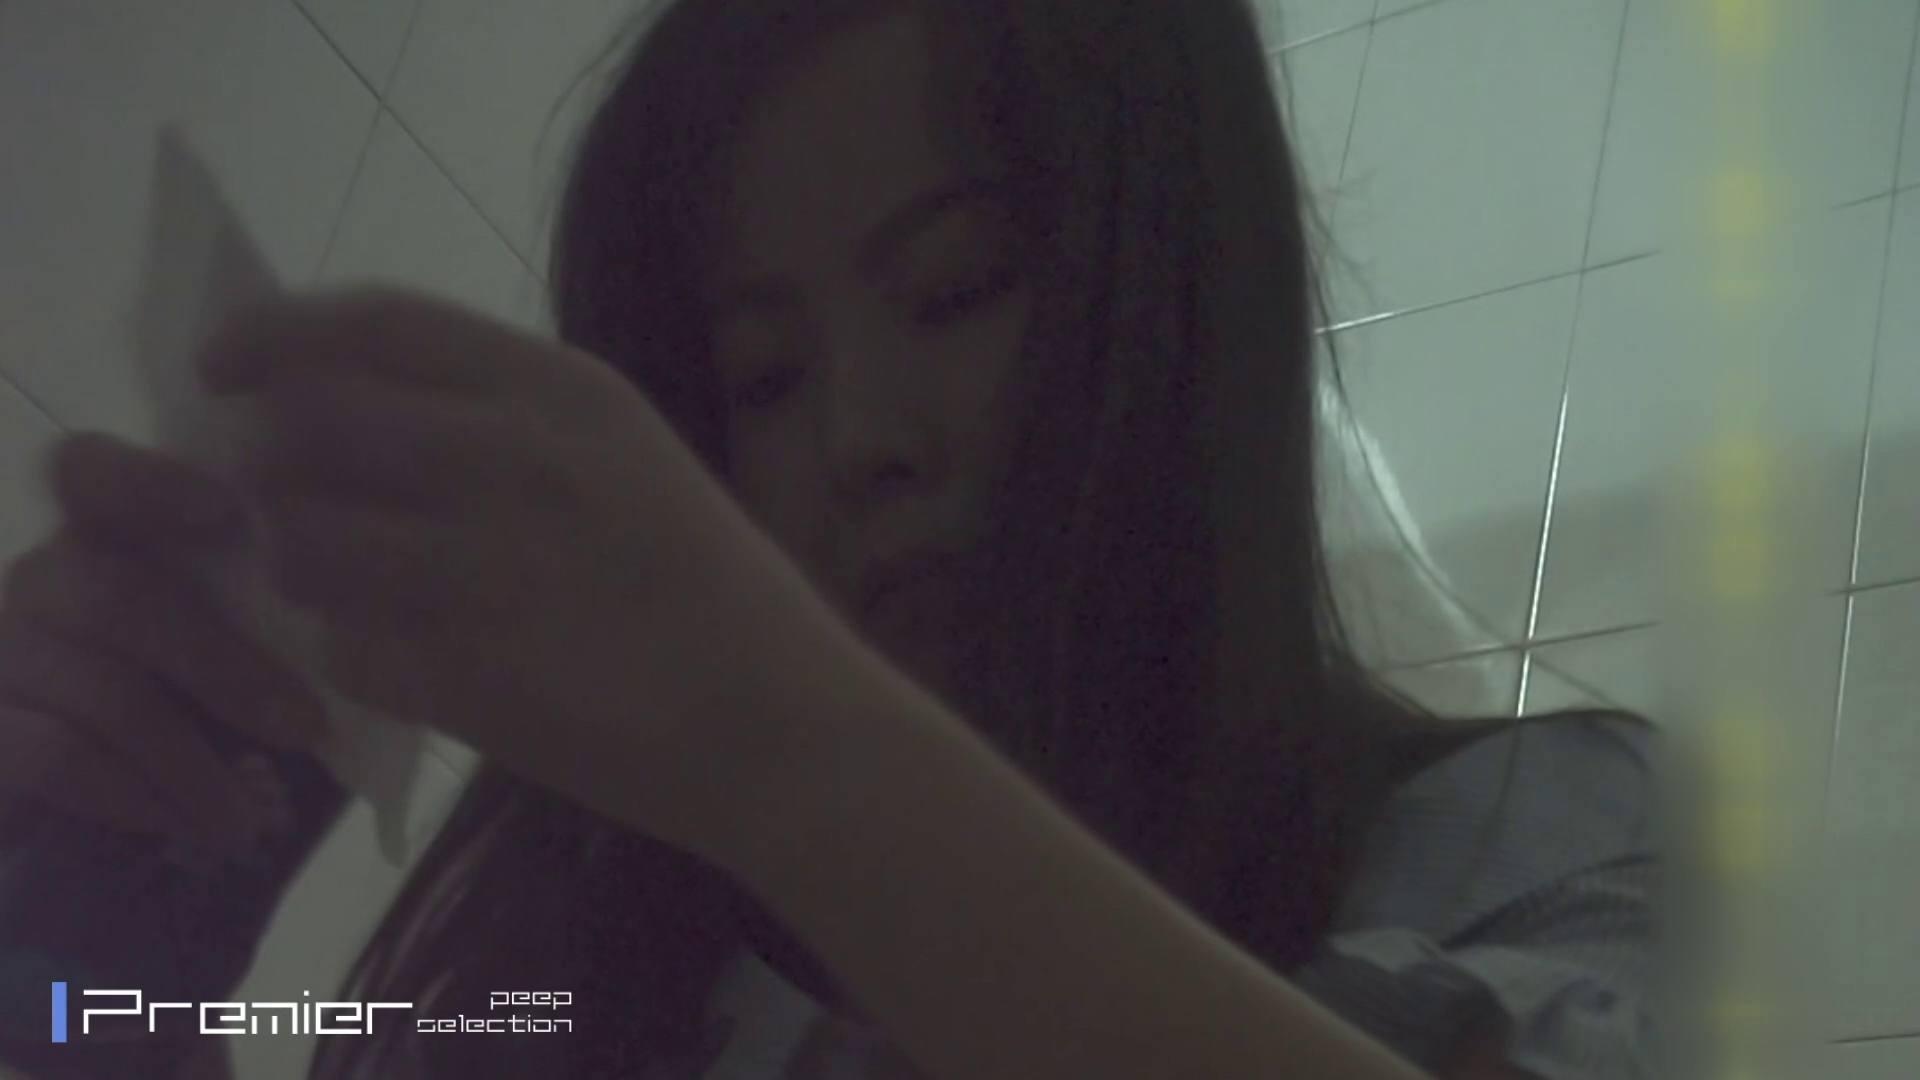 トイレシーンを密着盗撮!! 美女の痴態に密着!Vol.31 エロくん潜入 ワレメ無修正動画無料 22連発 13